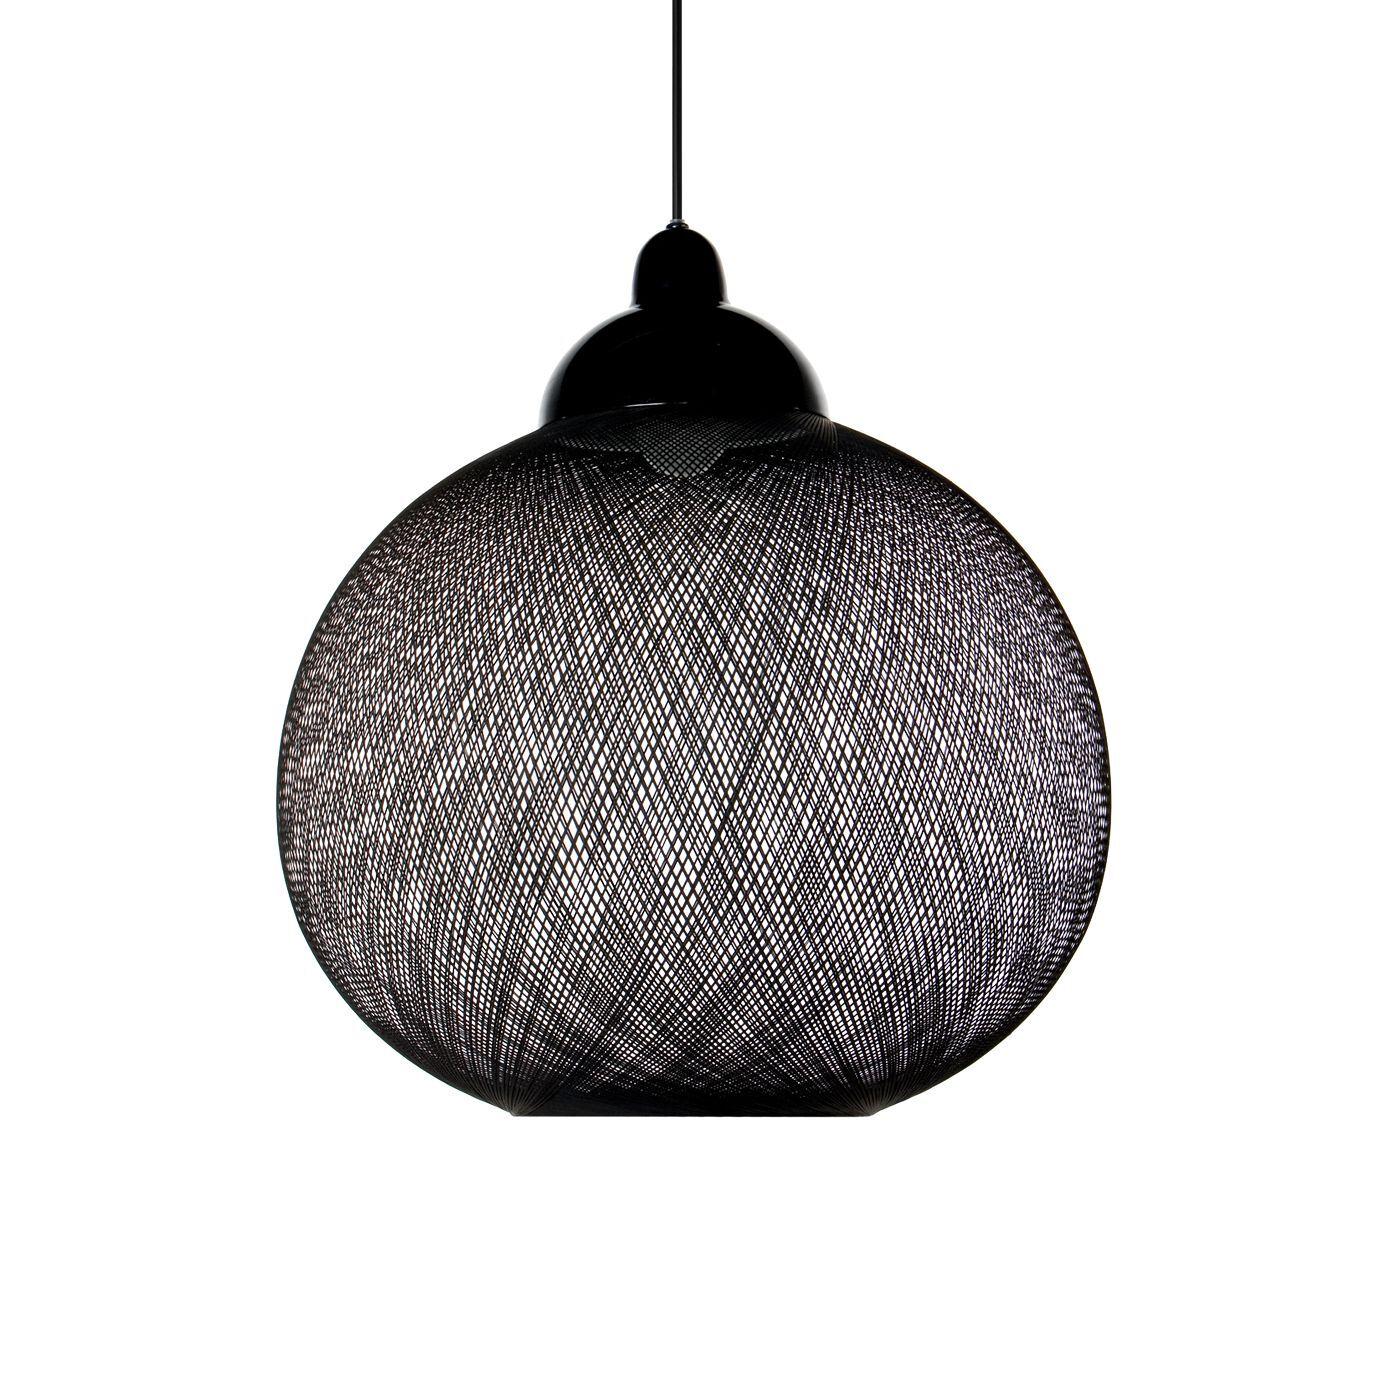 Moooi Non Random Light, noir, ø48 cm